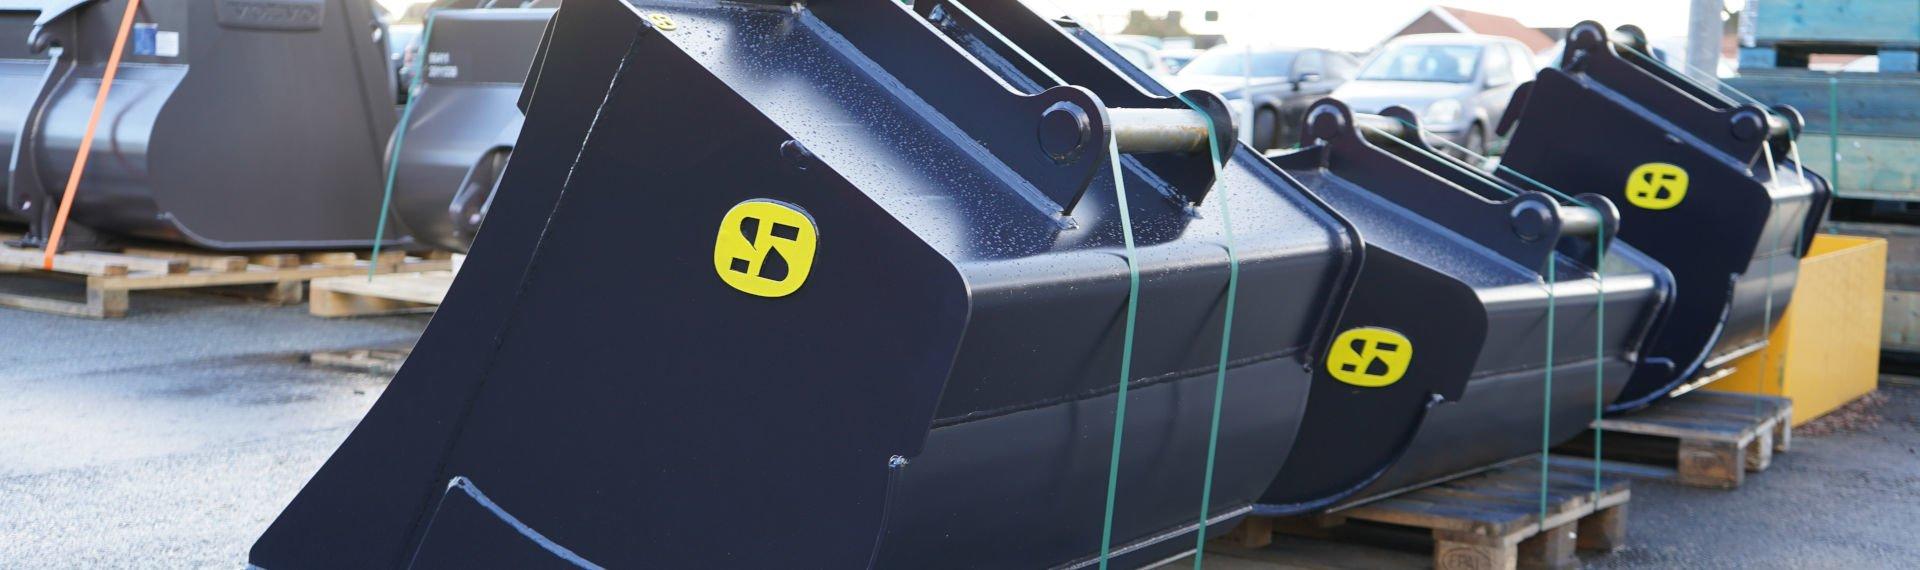 Części czerpaka koparki wykonane z Hardox® 500 Tuf, gotowe do ciężkiej, codziennej pracy